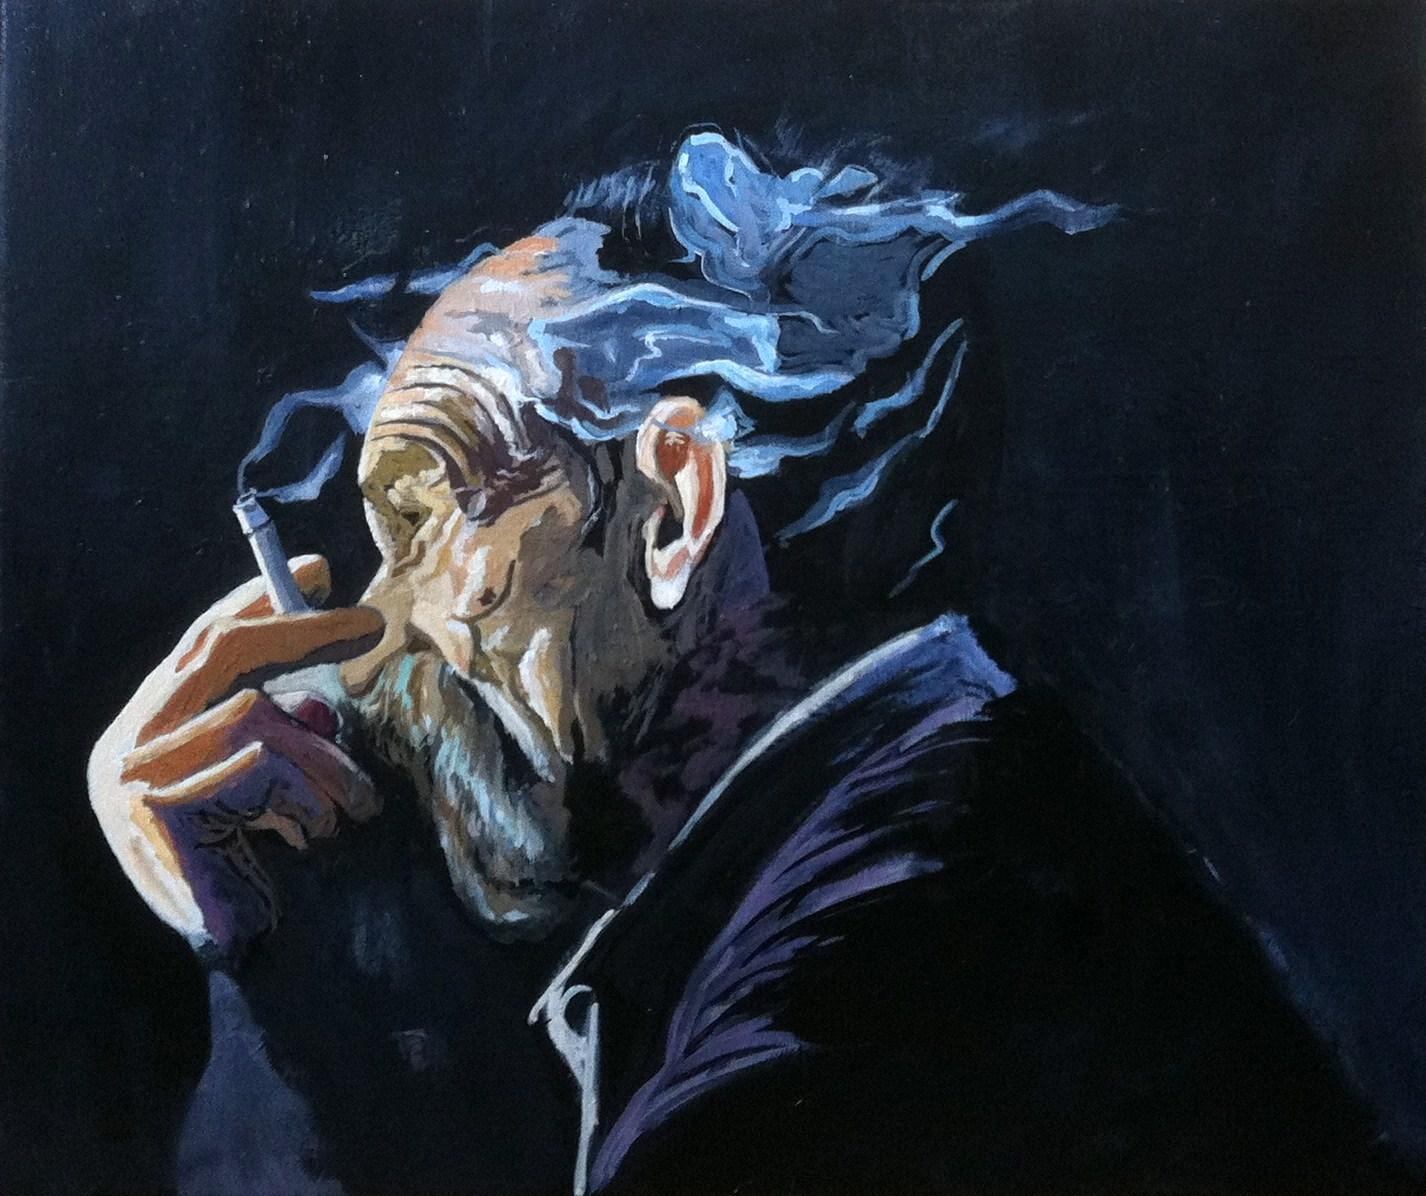 fumando al sol (2013) - Carlos Congregado López